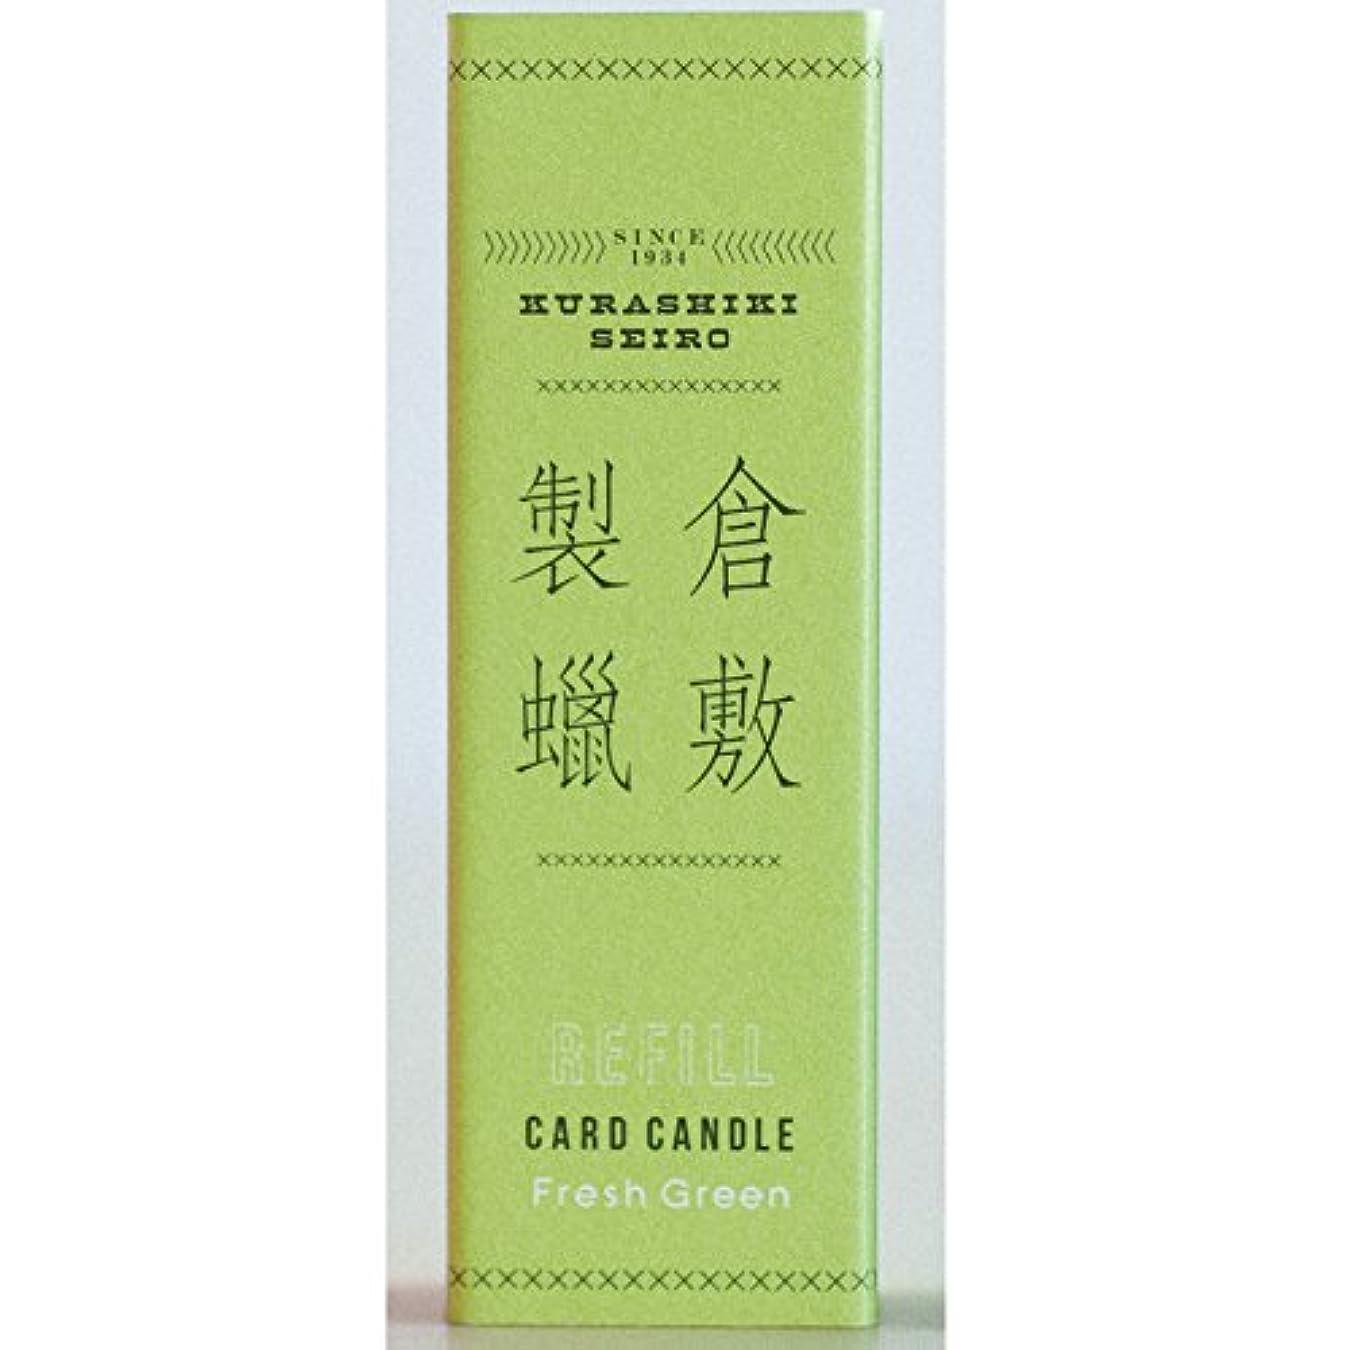 シーサイド可動式作り倉敷製蝋 CARD CANDLE REFILL (Fresh Green)